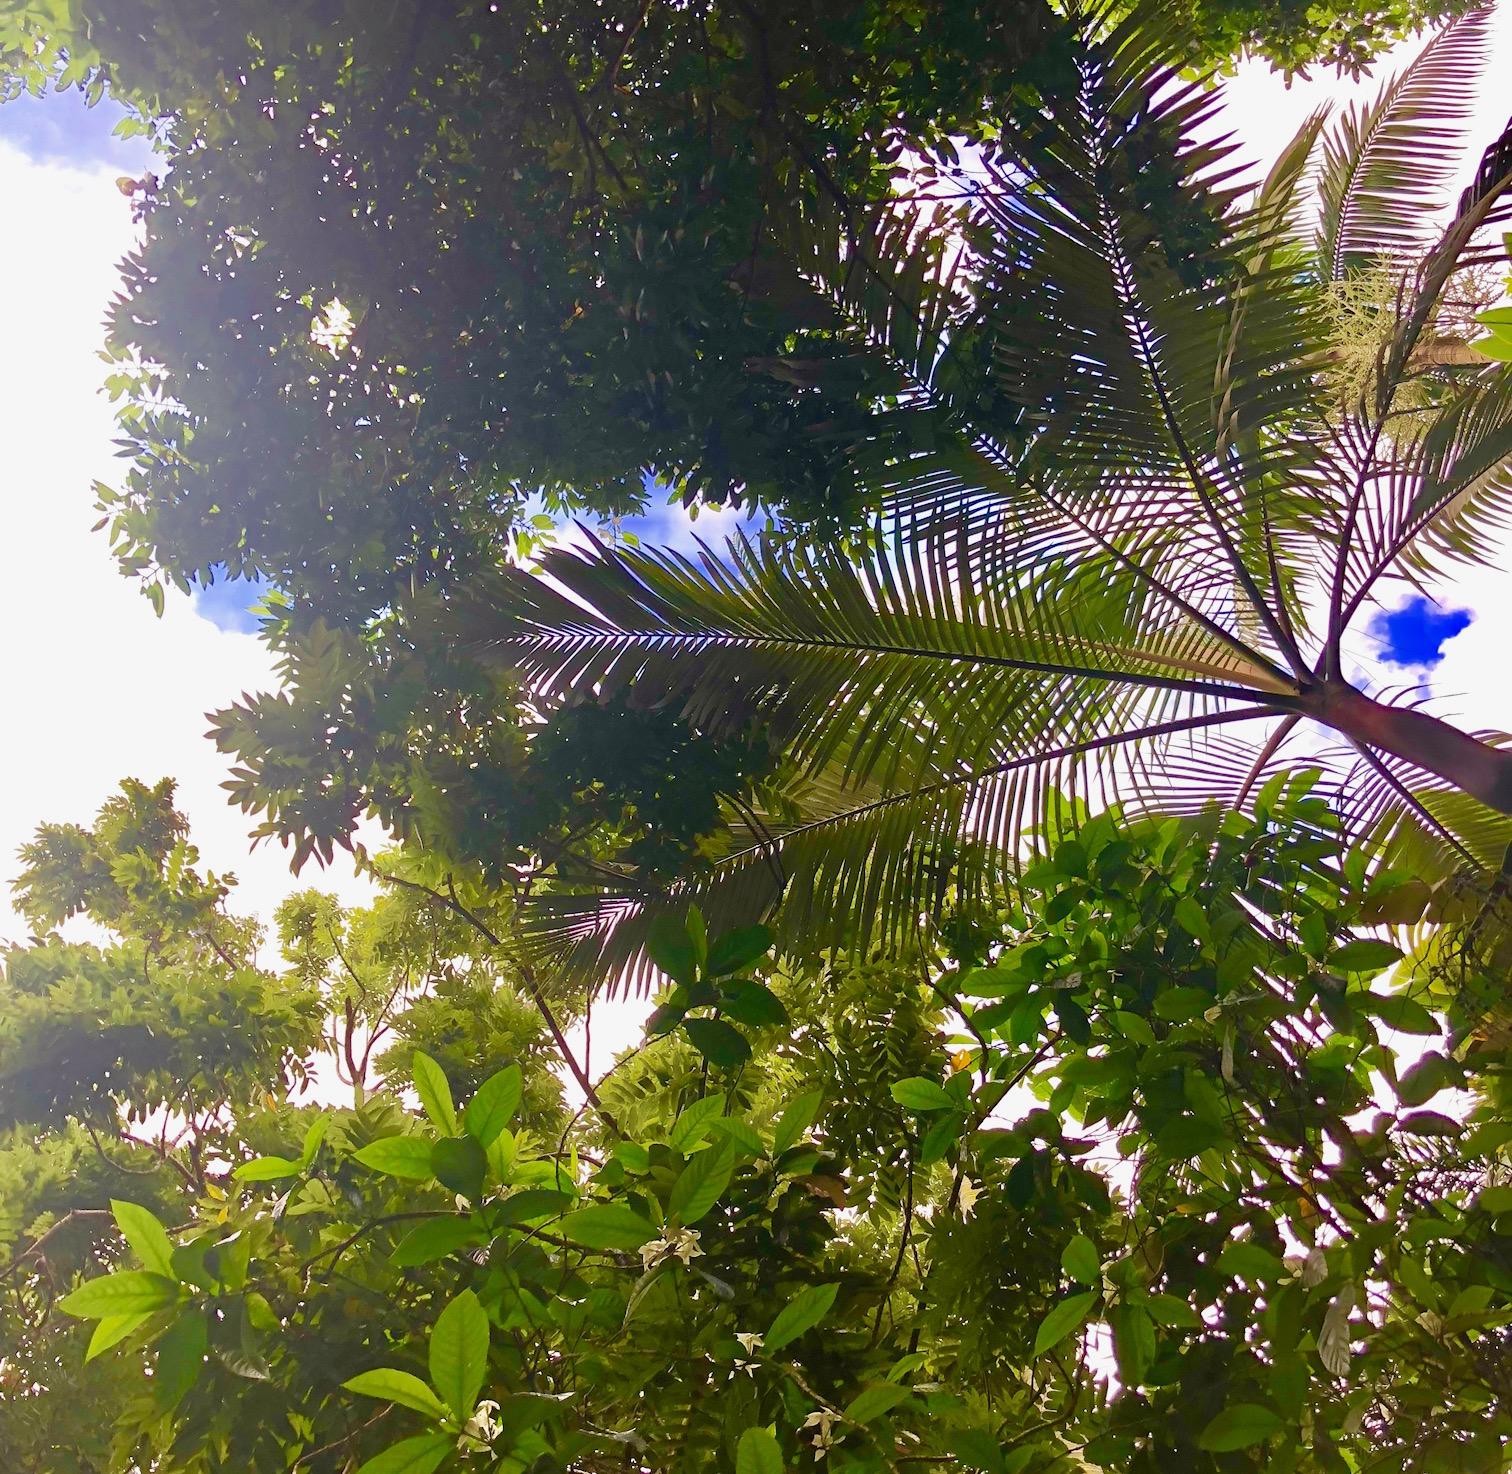 ハワイ植物園